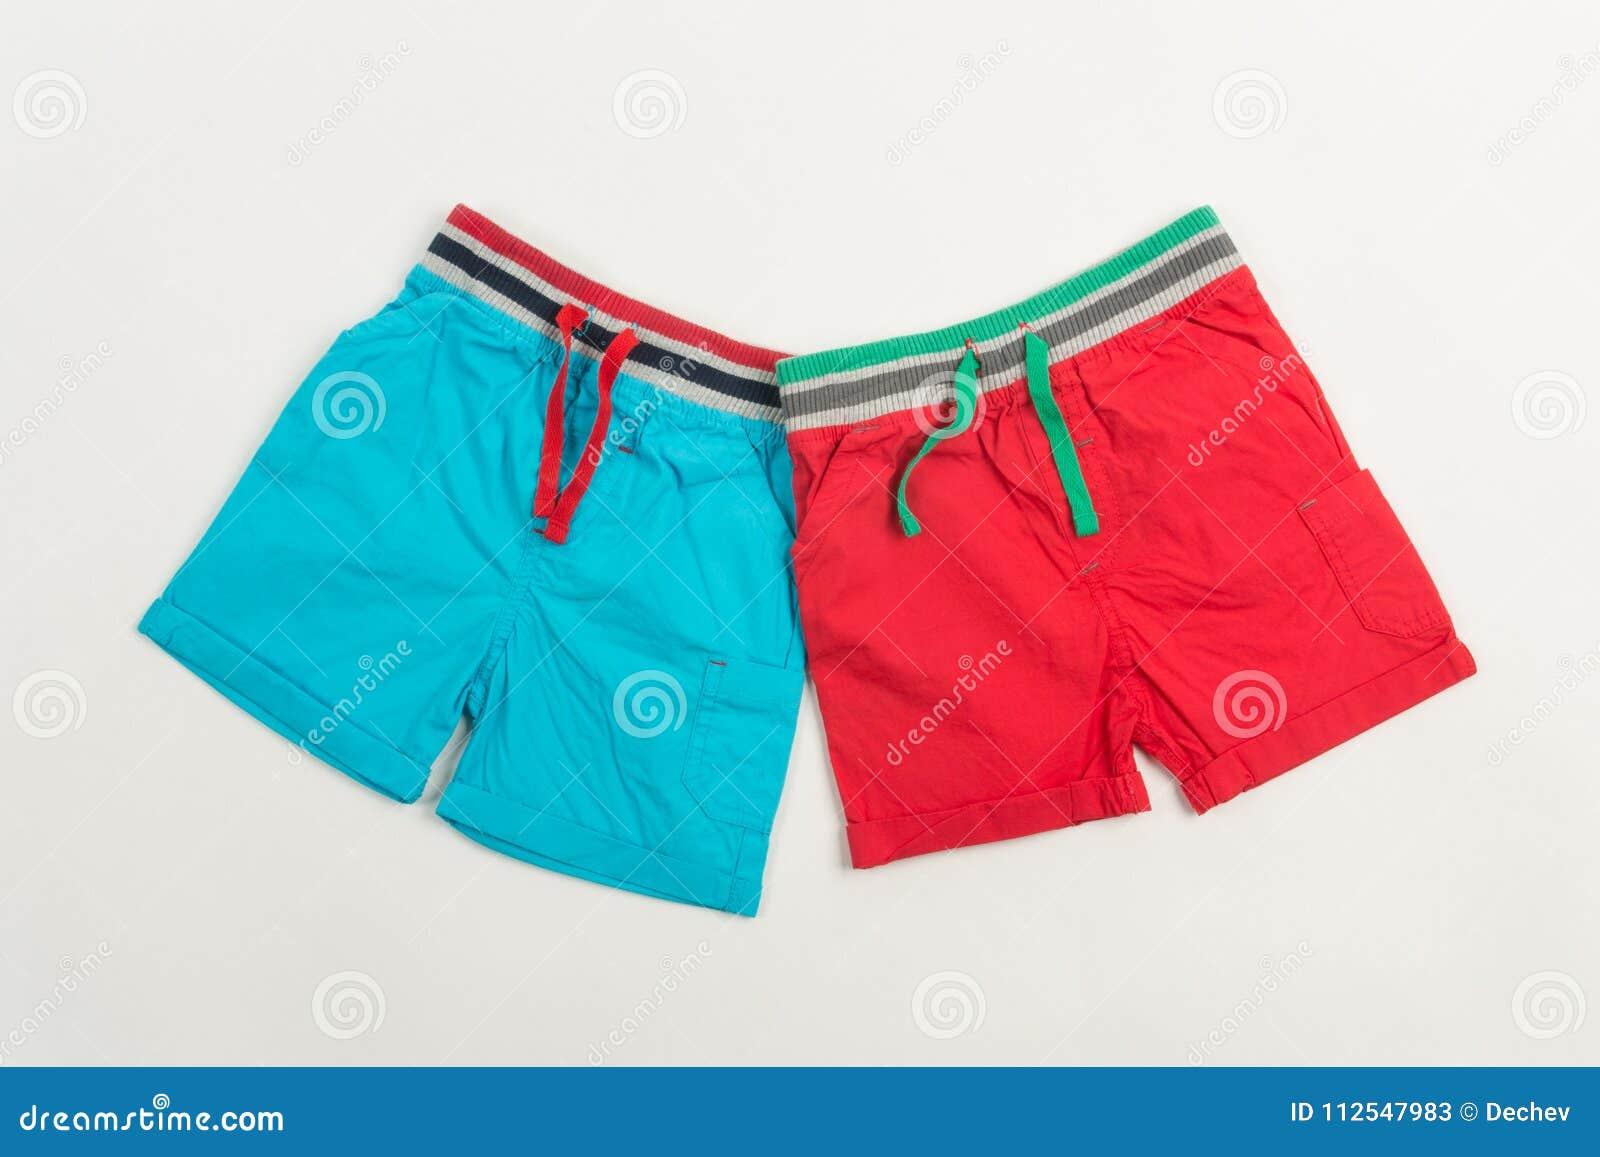 Pantalones Cortos Azules Y Rojos Para Nadar Para Los Hombres O Los Ninos Imagen De Archivo Imagen De Azules Nadar 112547983